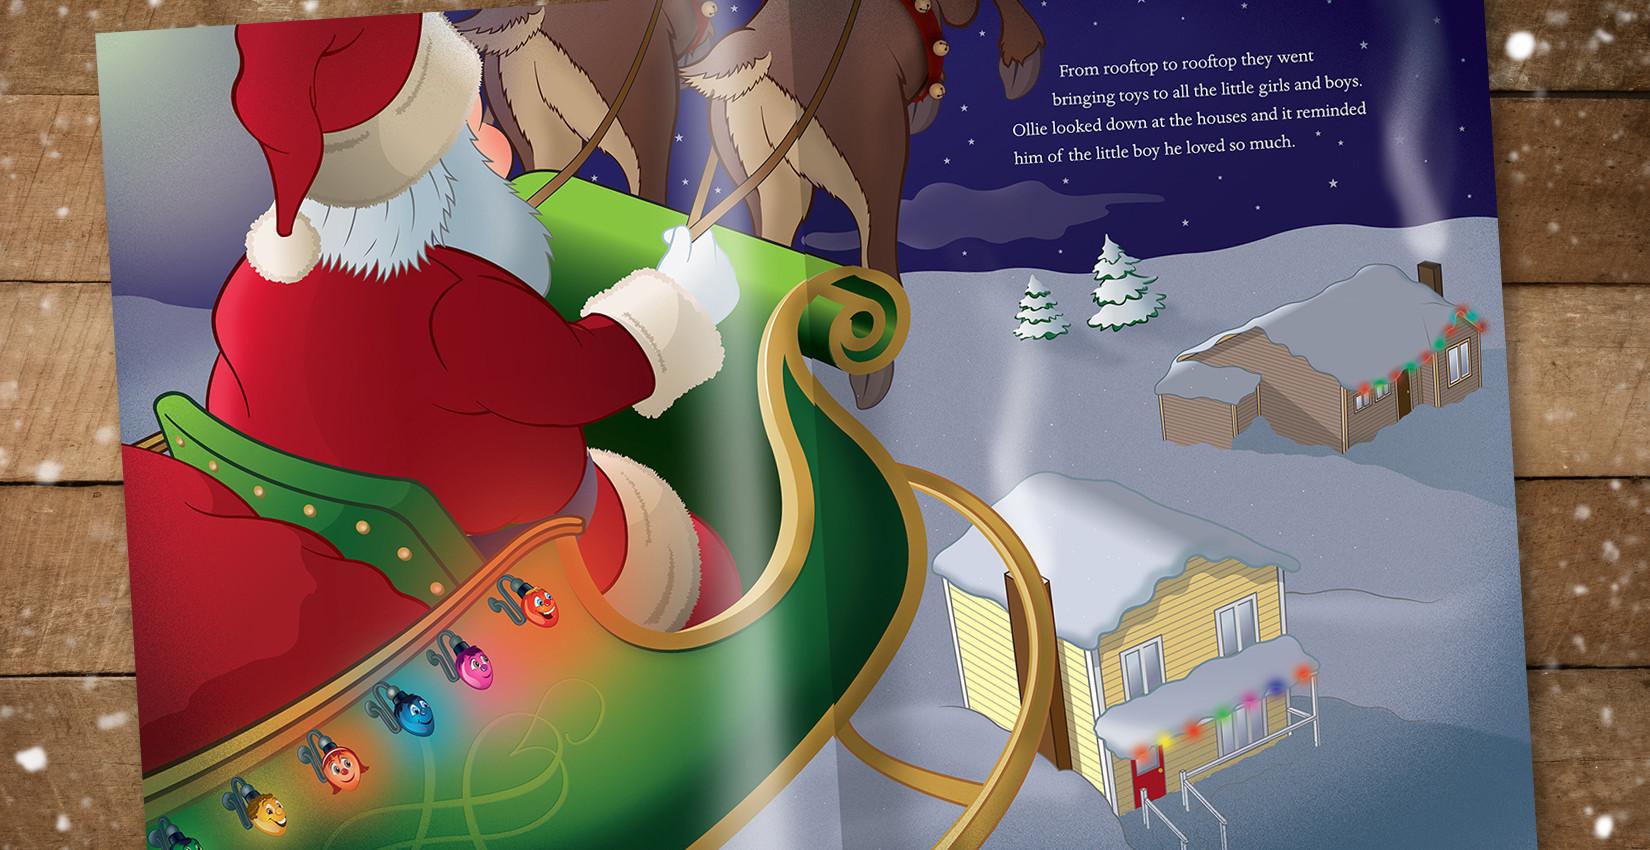 Santa Flying Over.jpg